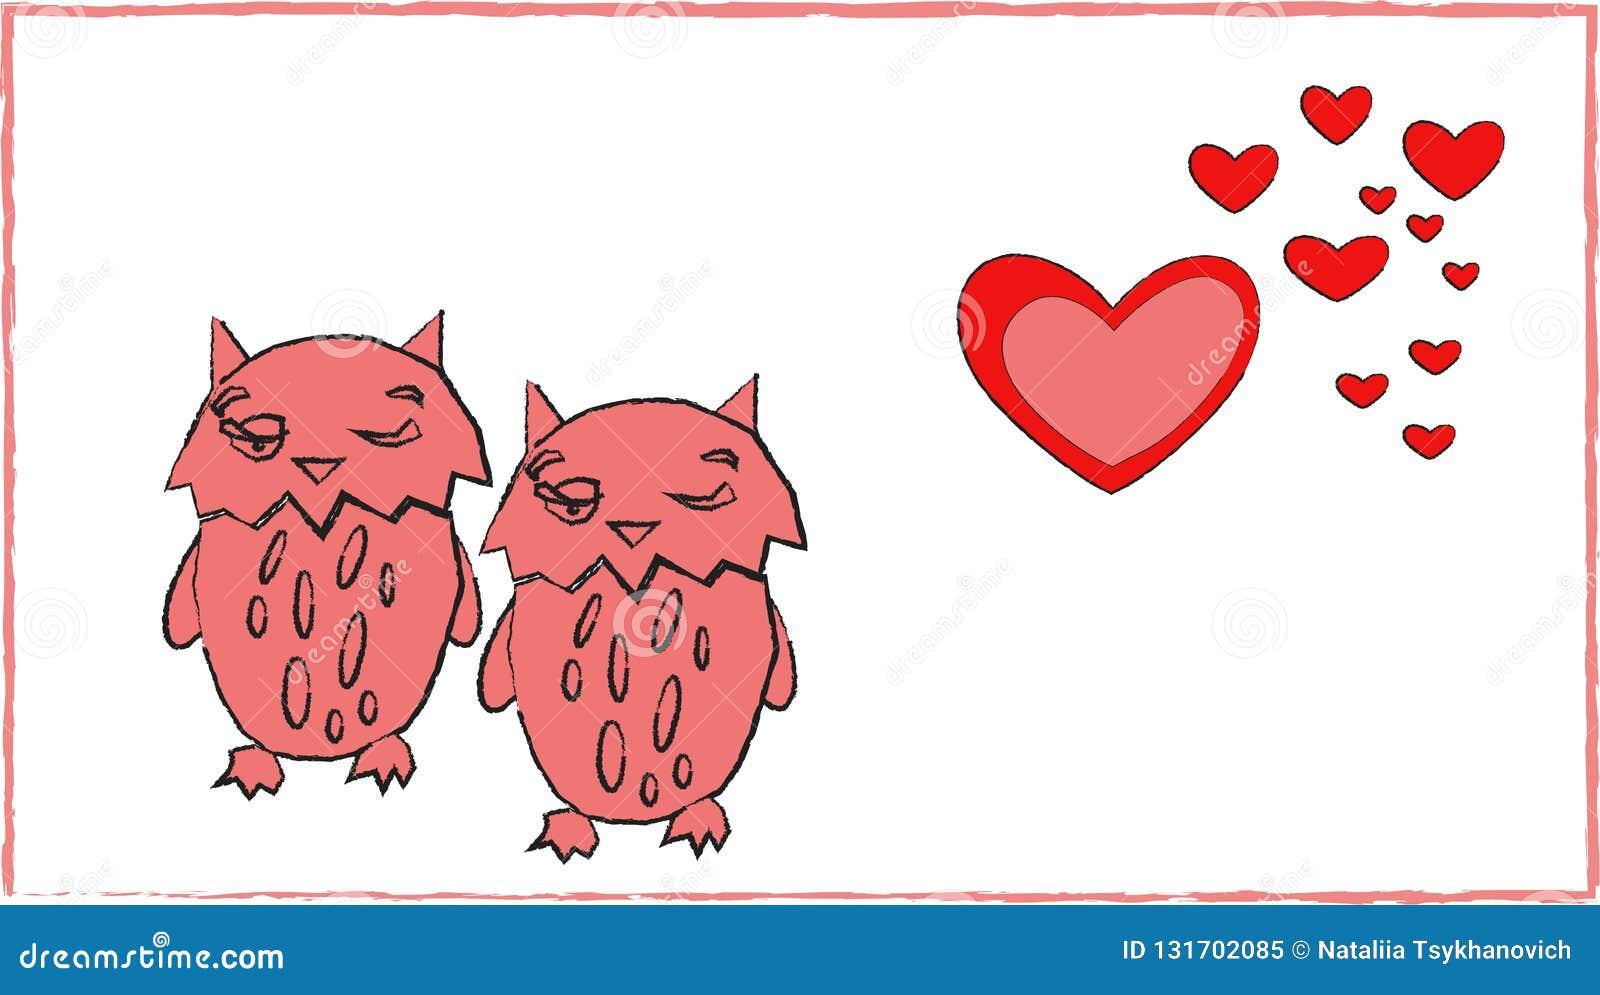 猫头鹰心脏夫妇浪漫史动物艺术爱